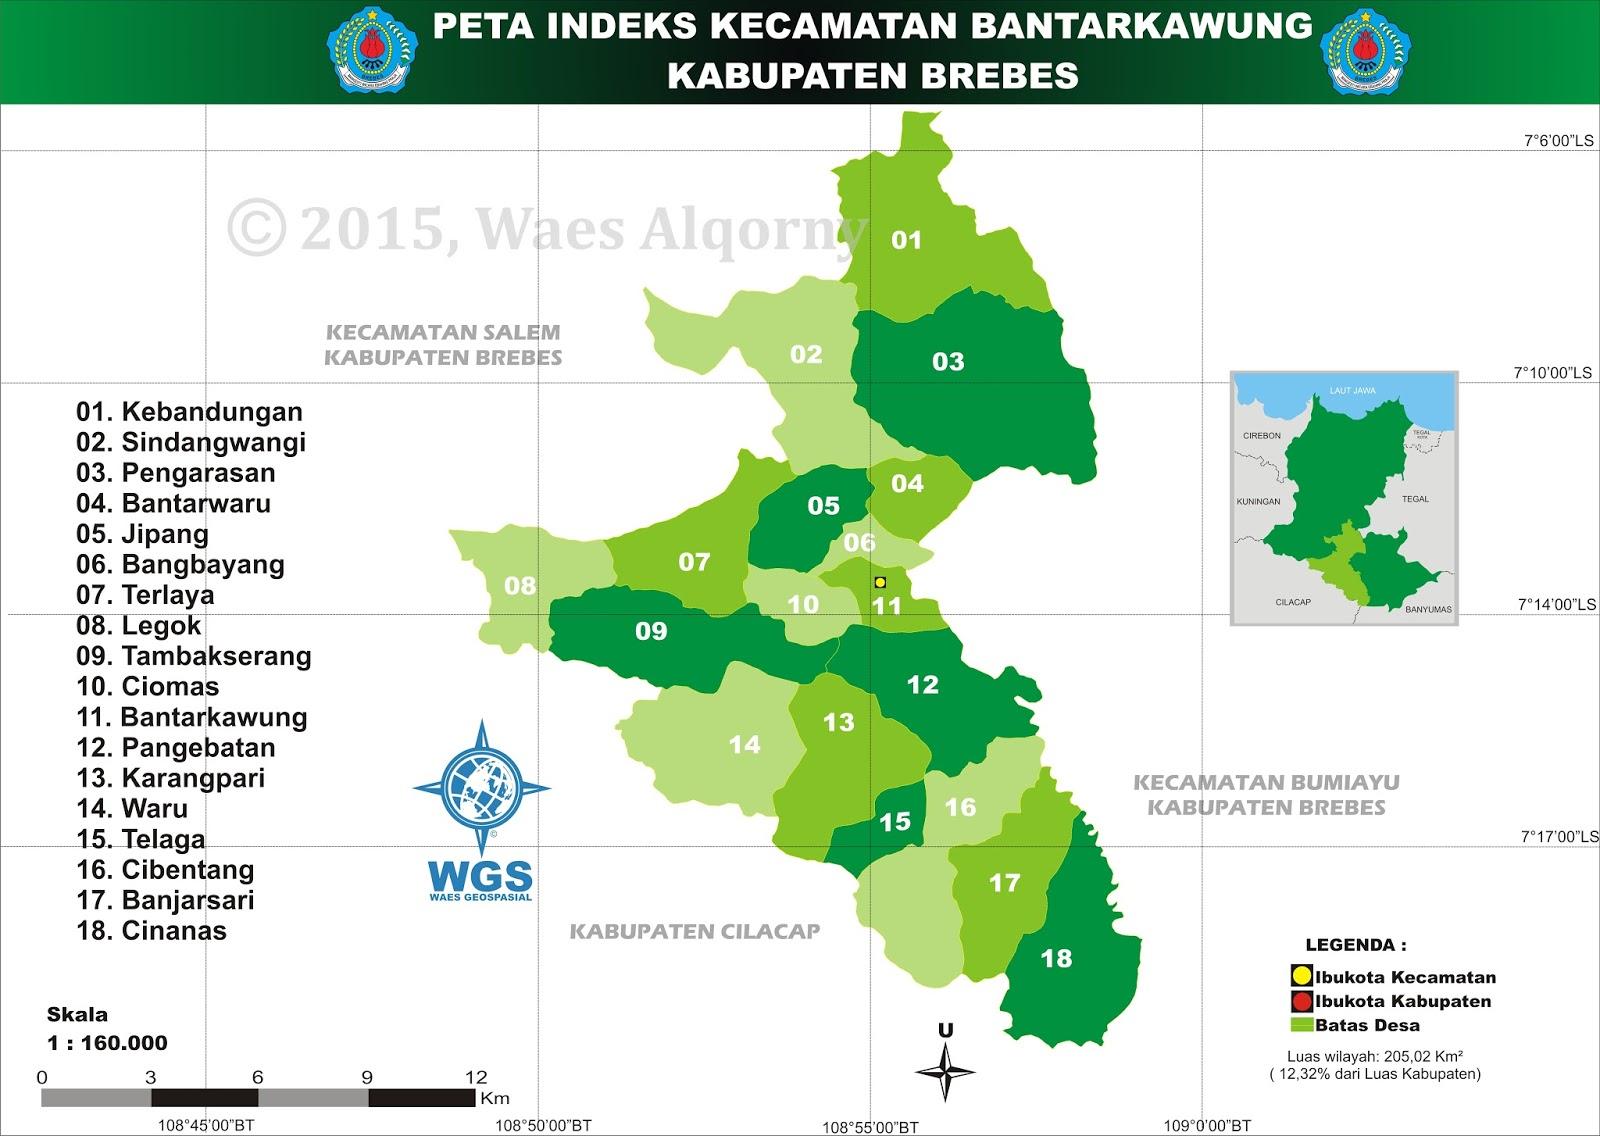 Peta Indeks Kecamatan Bantarkawung - Brebes - My Diary